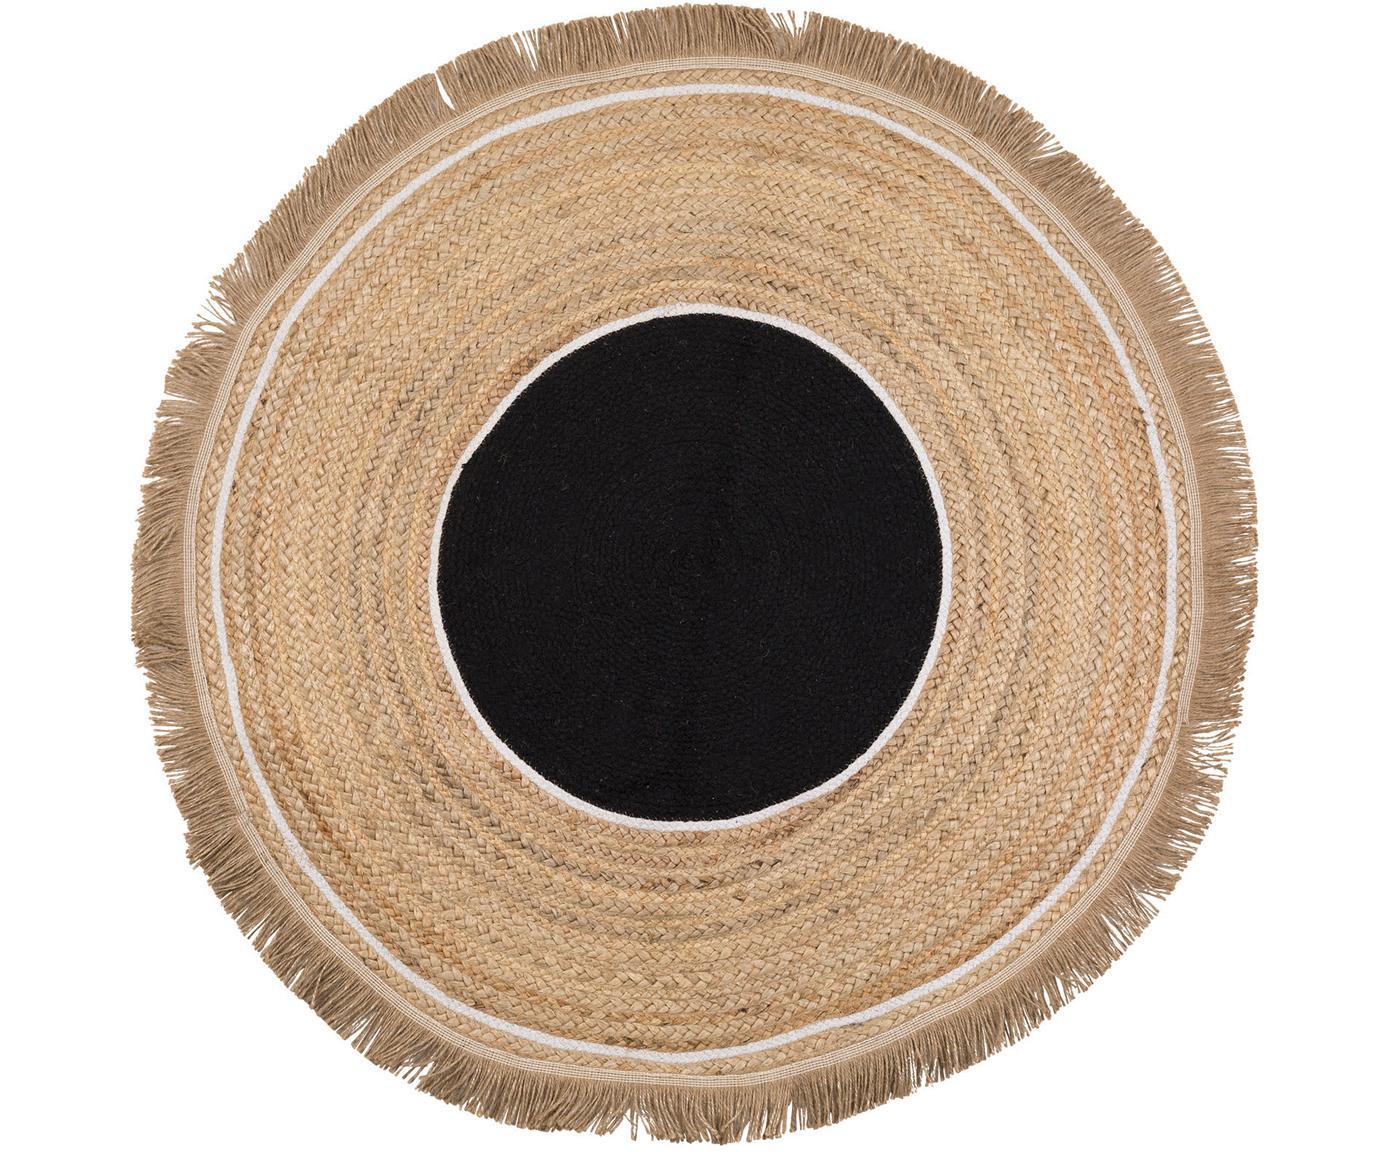 Runder Jute-Teppich Boham mit Fransen, Jute, Baumwolle, Jute, Schwarz, Weiss, Ø 100 cm (Grösse XS)